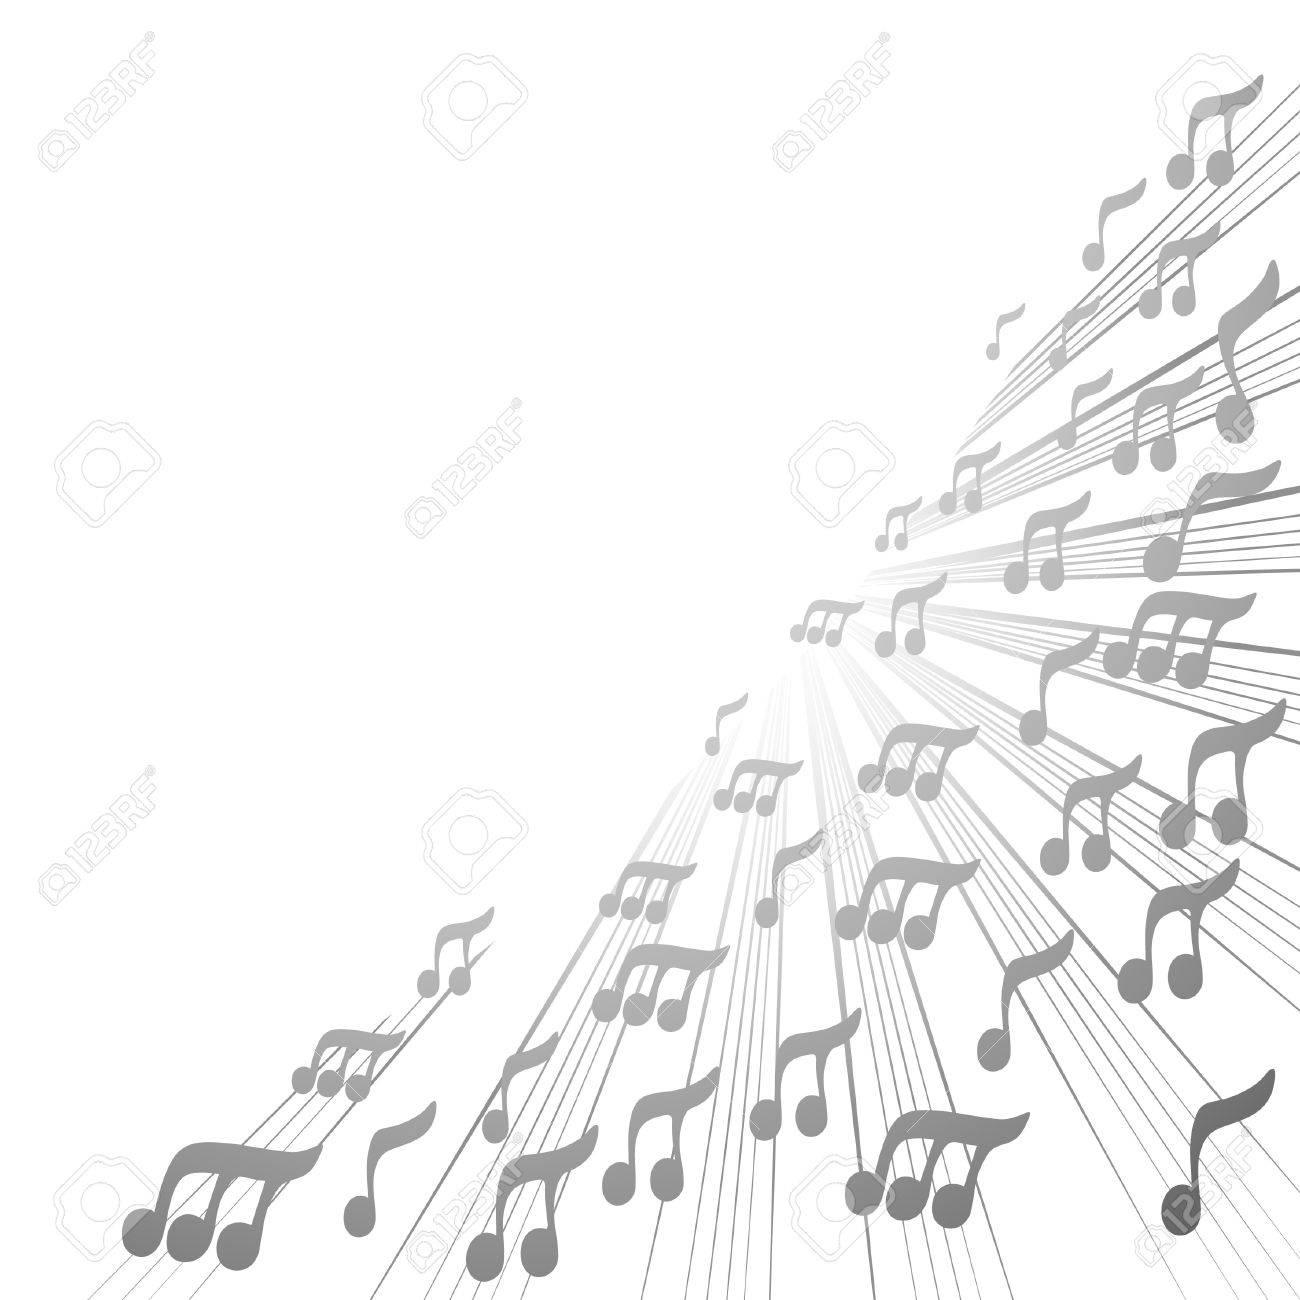 音楽の壁紙のイラスト素材 ベクタ Image 11498670